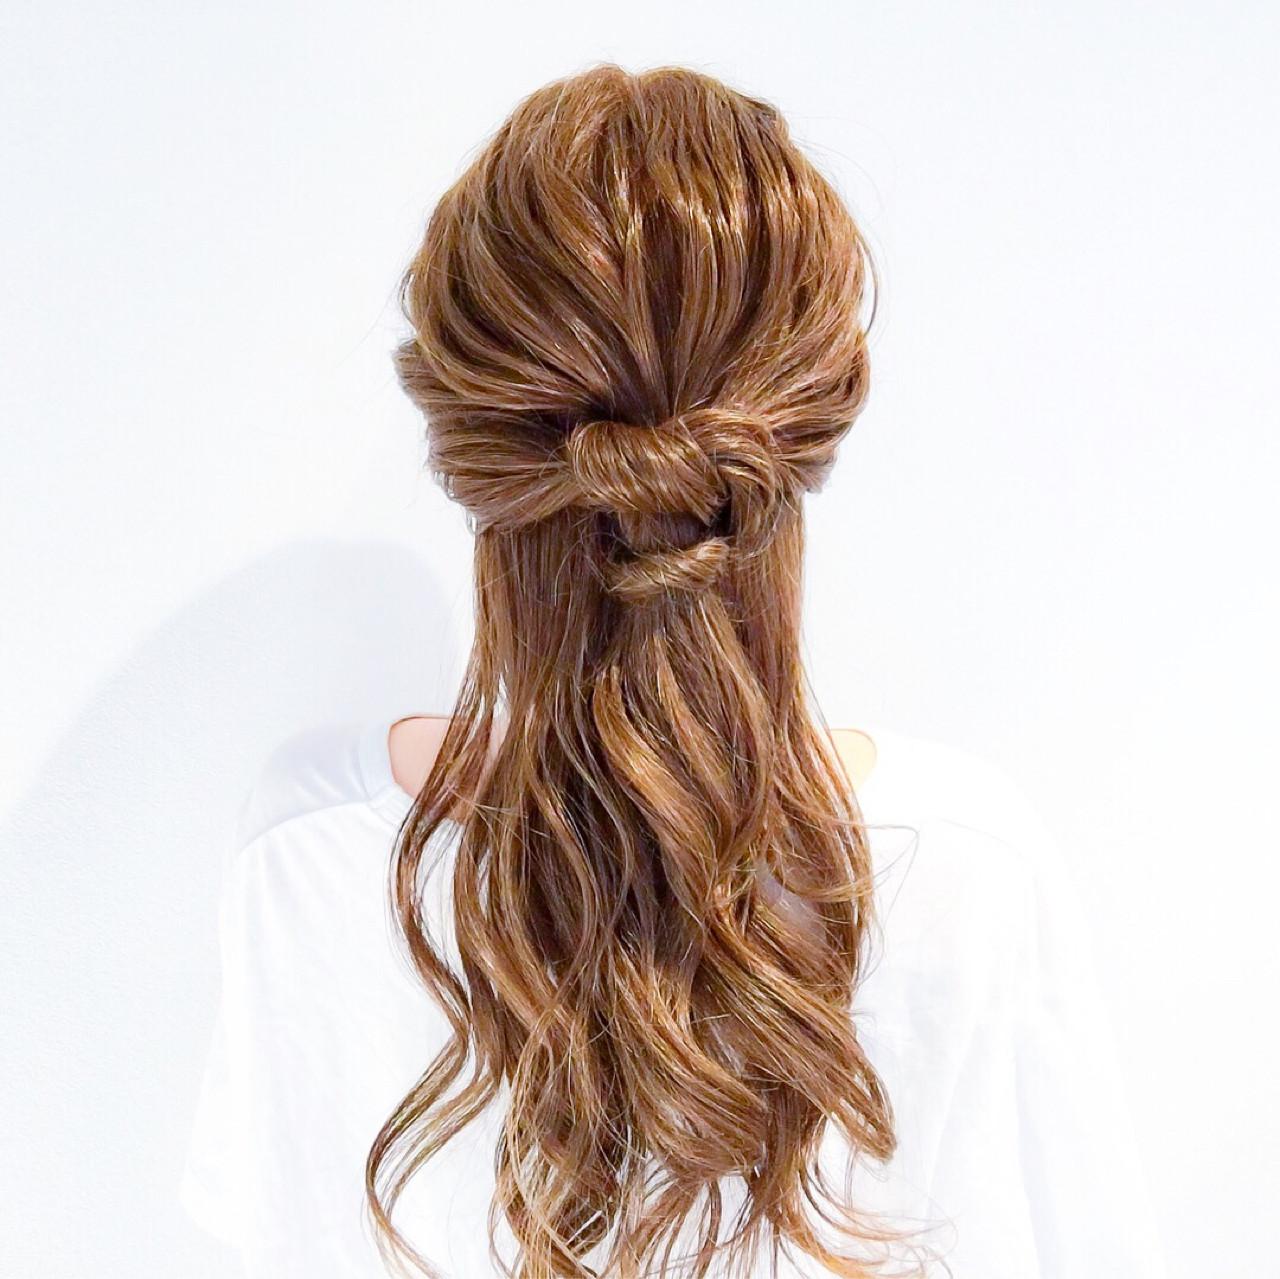 フェミニン ヘアアレンジ ショート オフィス ヘアスタイルや髪型の写真・画像